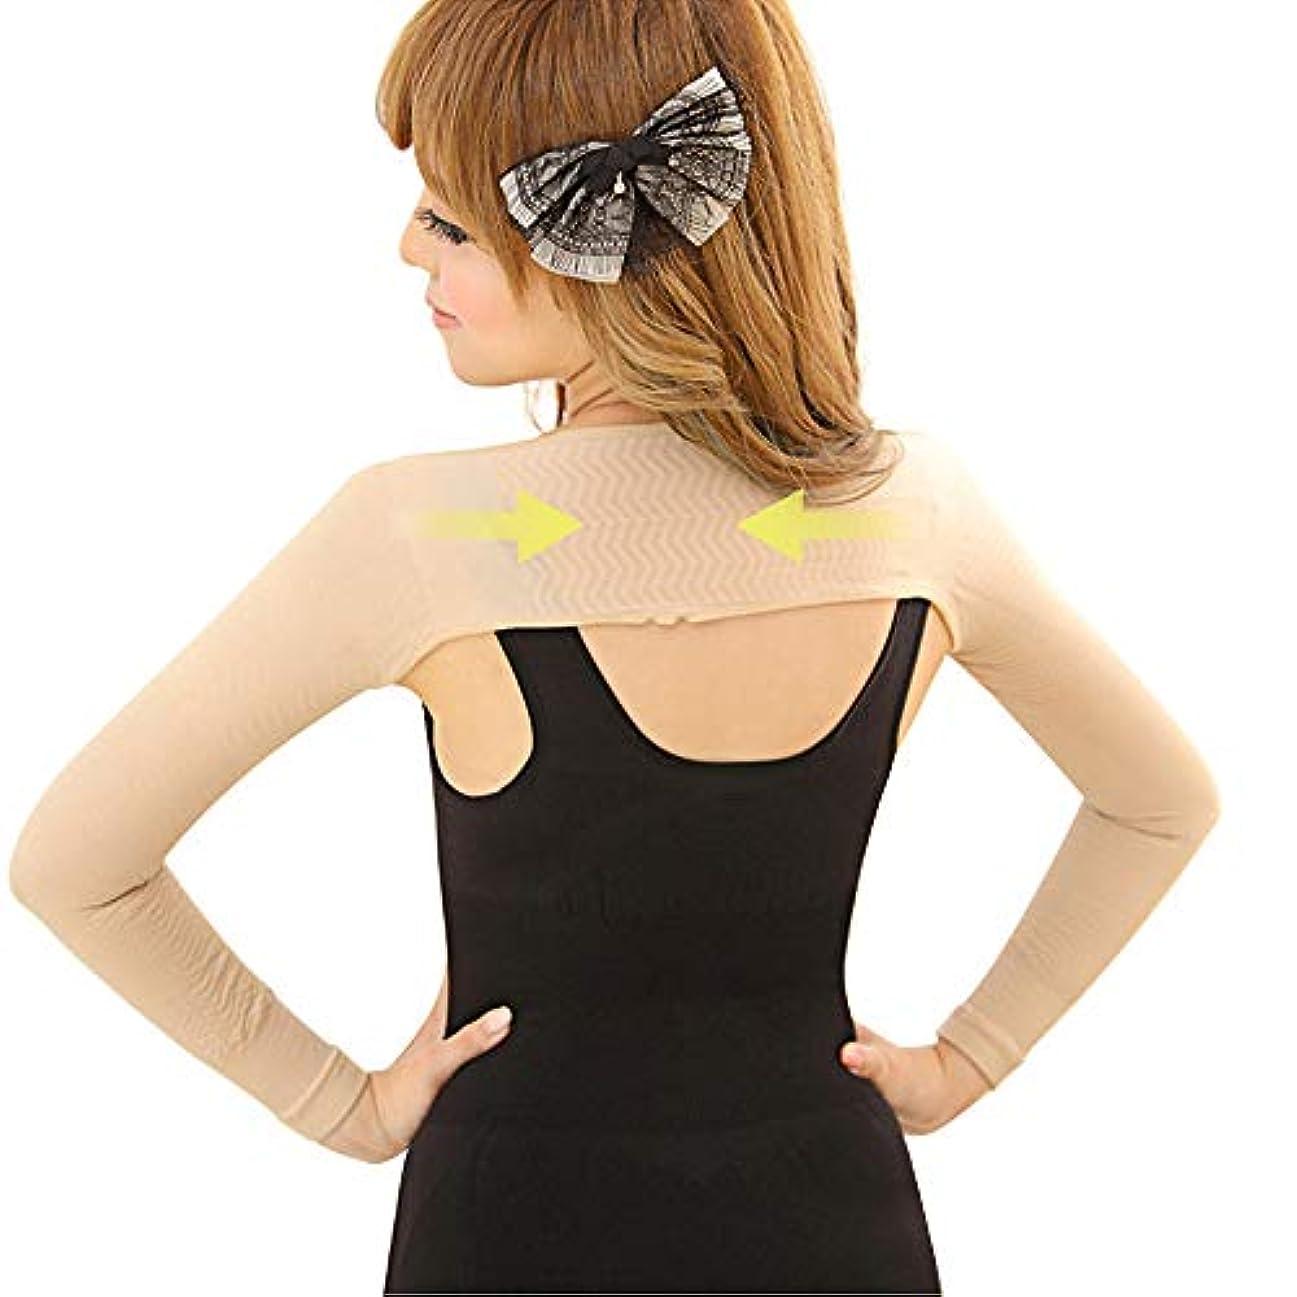 最も遠い私絶滅実用服飾専門店 送料無料 姿勢矯正 二の腕シェイプケア 背筋矯正 肩サポーター 補正下着 二の腕痩せシェイパー姿勢 インナー 女性 (ベージュ)